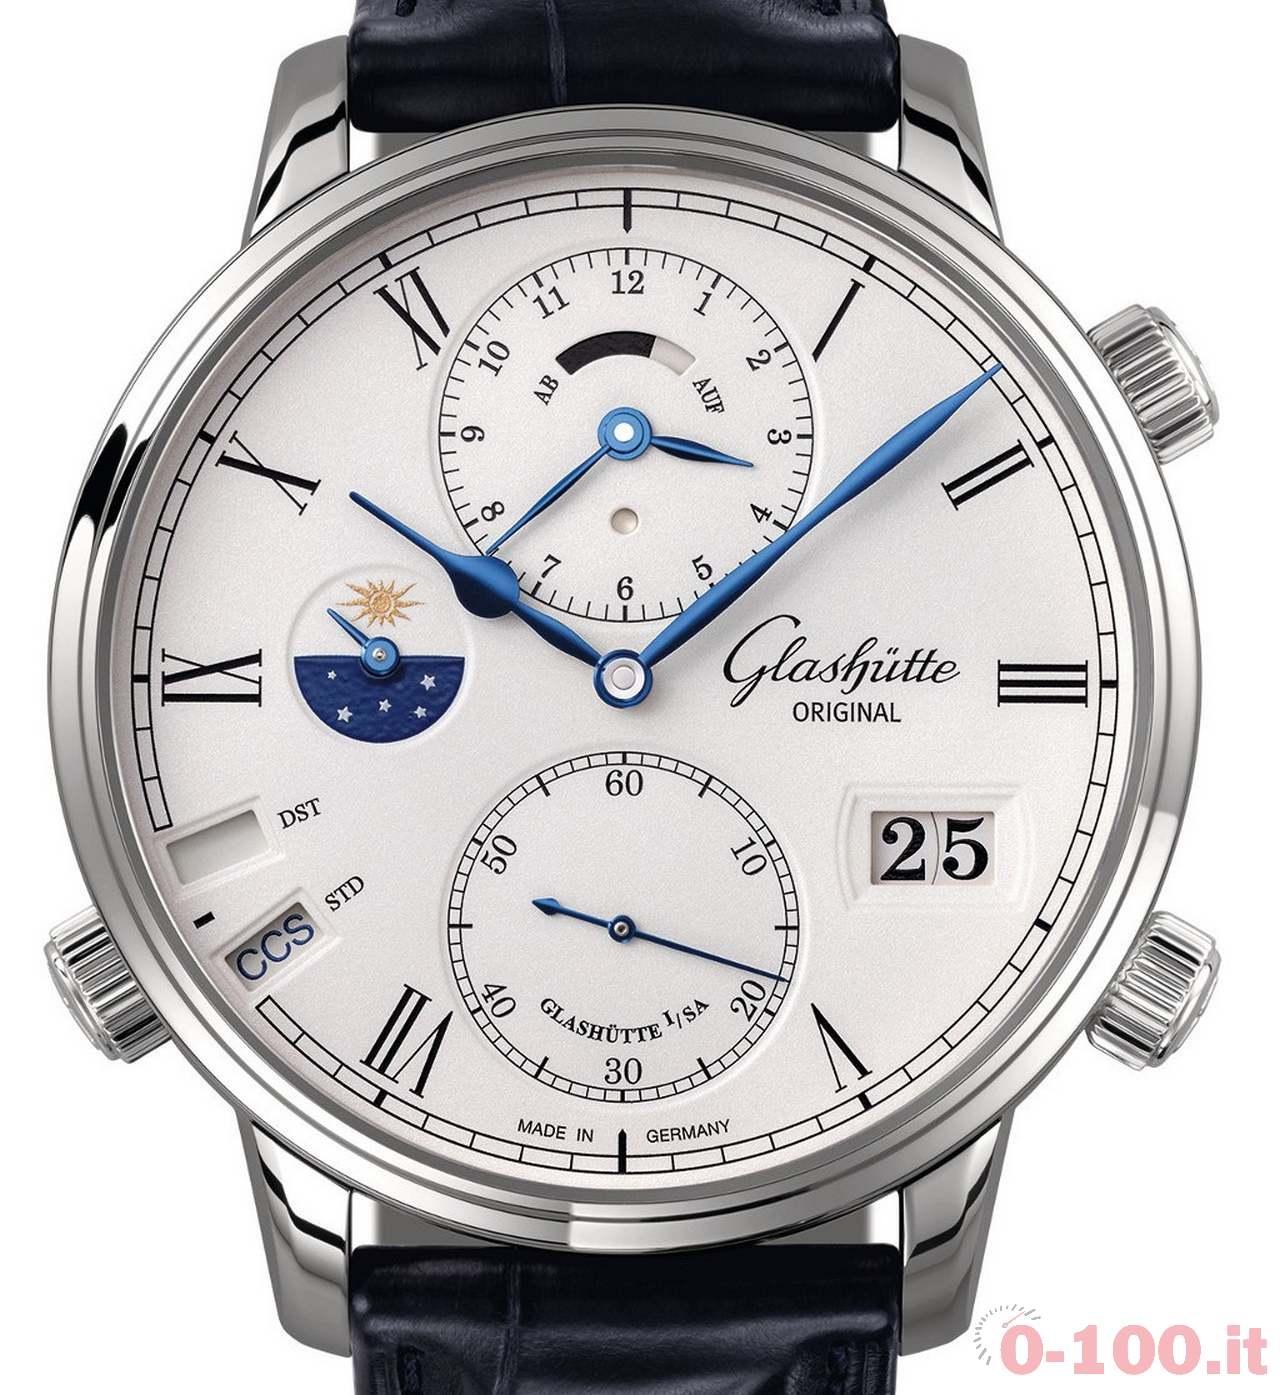 glashutte-original-senator-cosmopolite-ref-1-89-02-01-04-30-prezzo-price-_0-1005